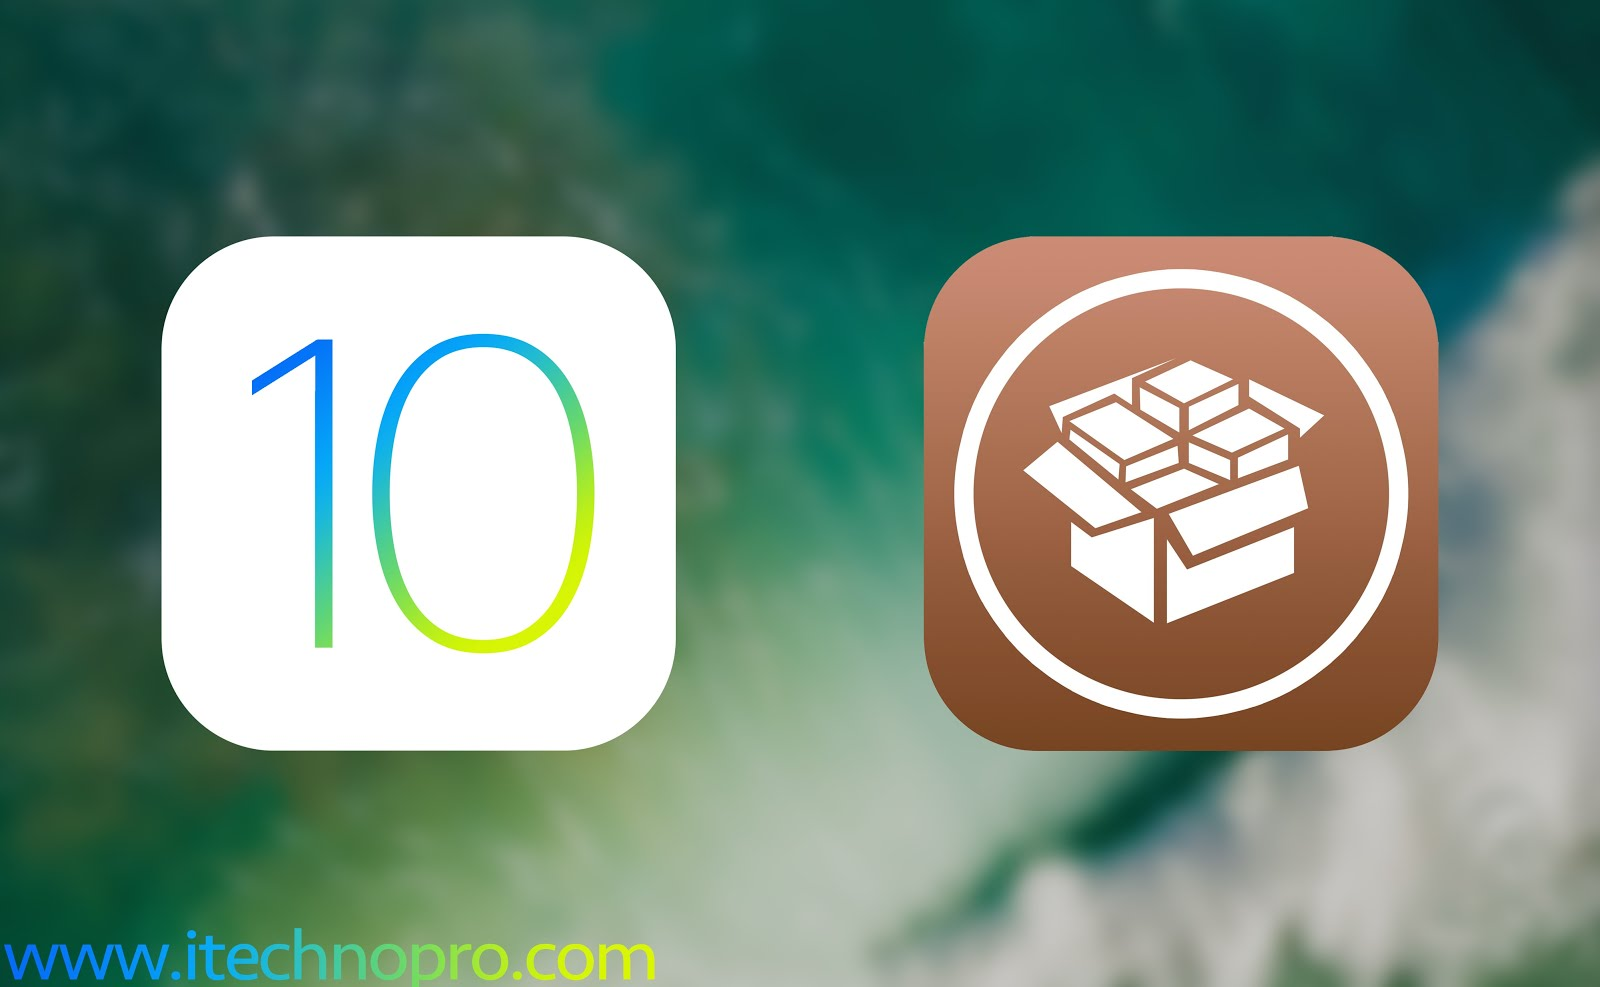 آخر اخبار الجلبريك: سيتم اطلاق جلبريك iOS 10 قريباً، اليك مايجب عليك فعله لتحصل عليه